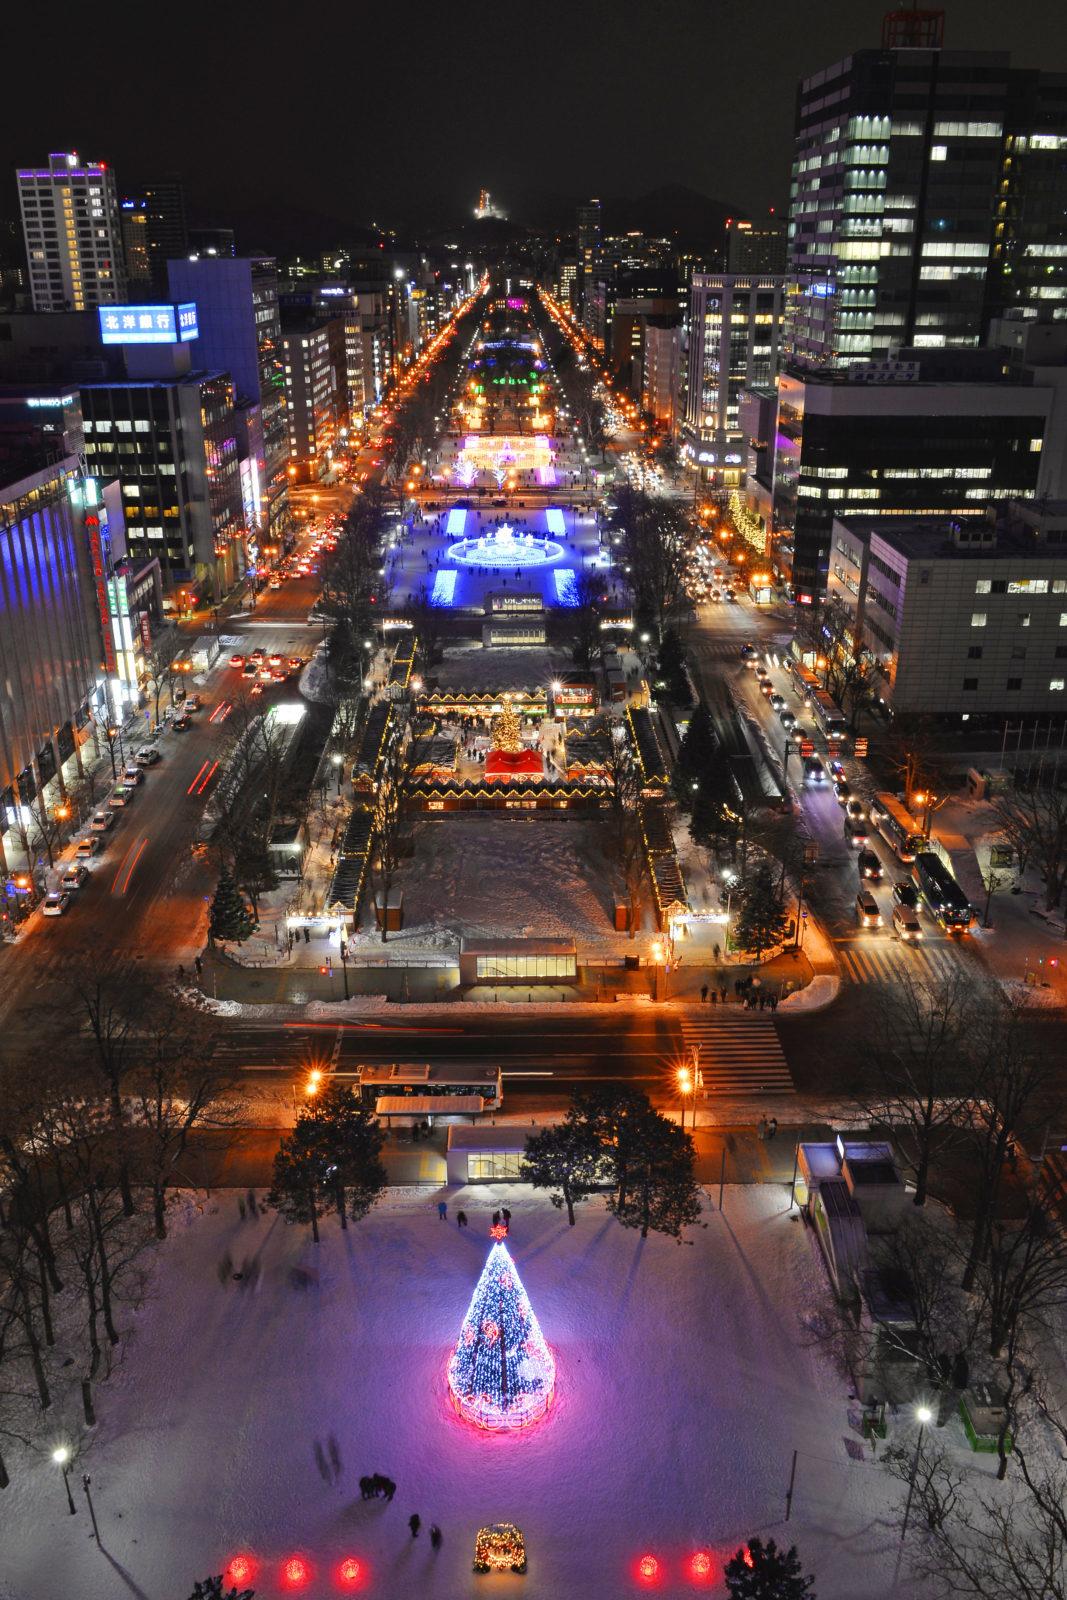 冬の札幌観光モデルコース4選!おすすめの観光スポットのまわり方を解説!